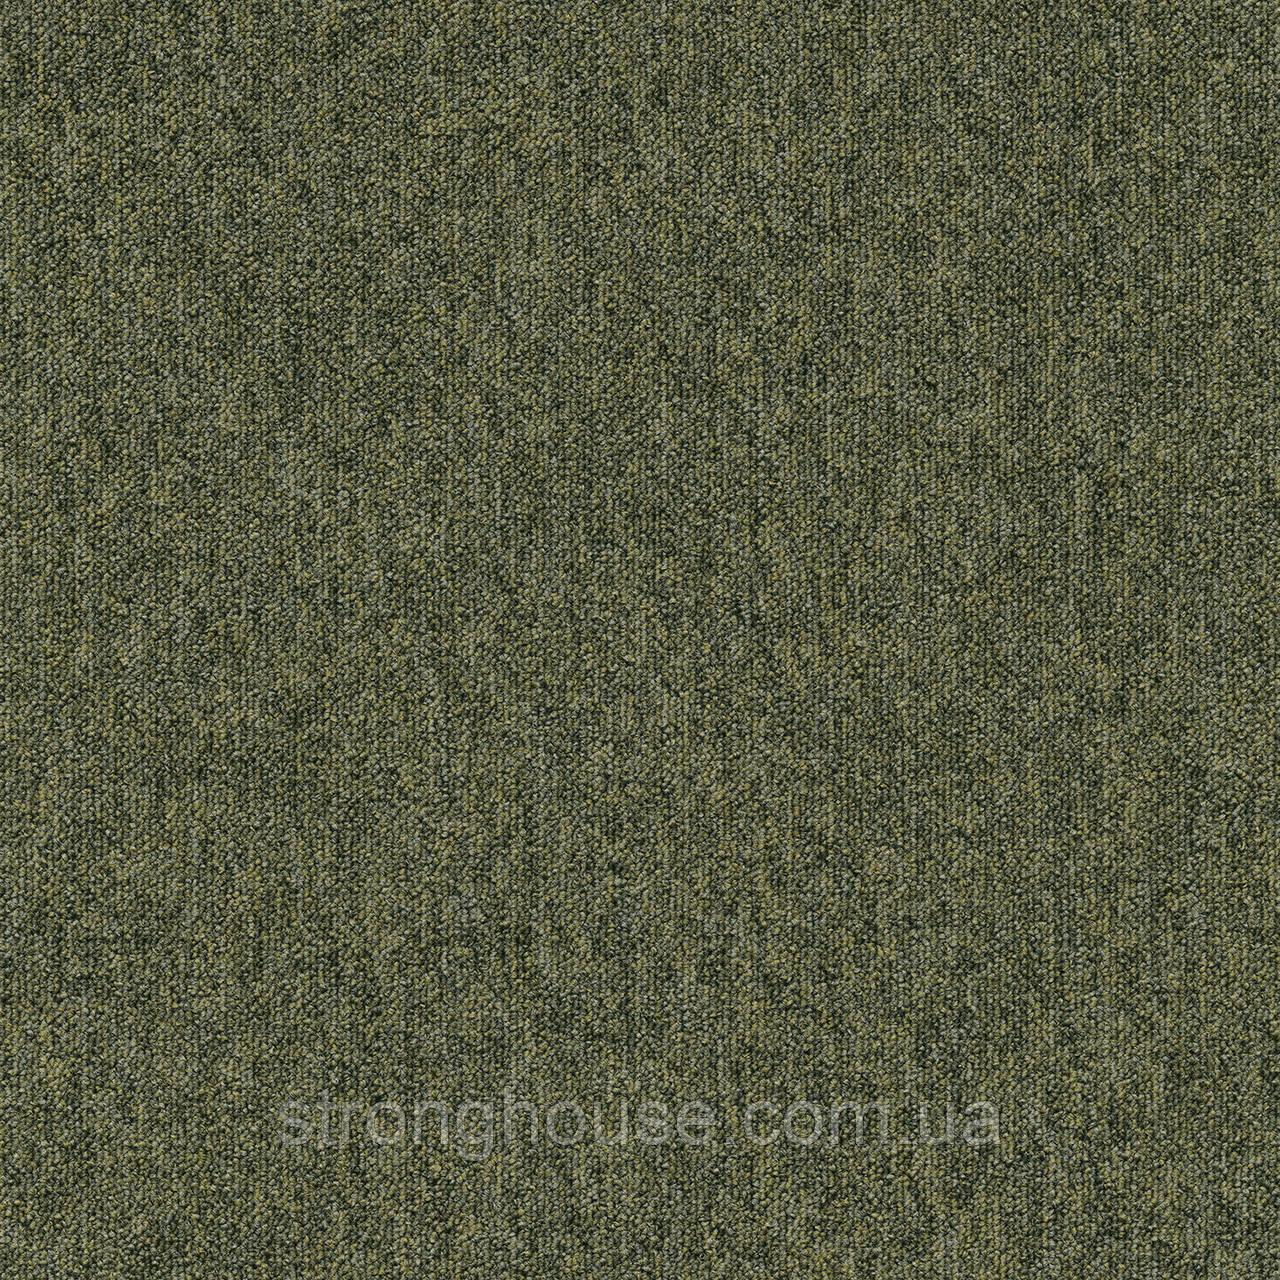 Domo Modulyss Alpha 606 Ковровая плитка Альфа 606